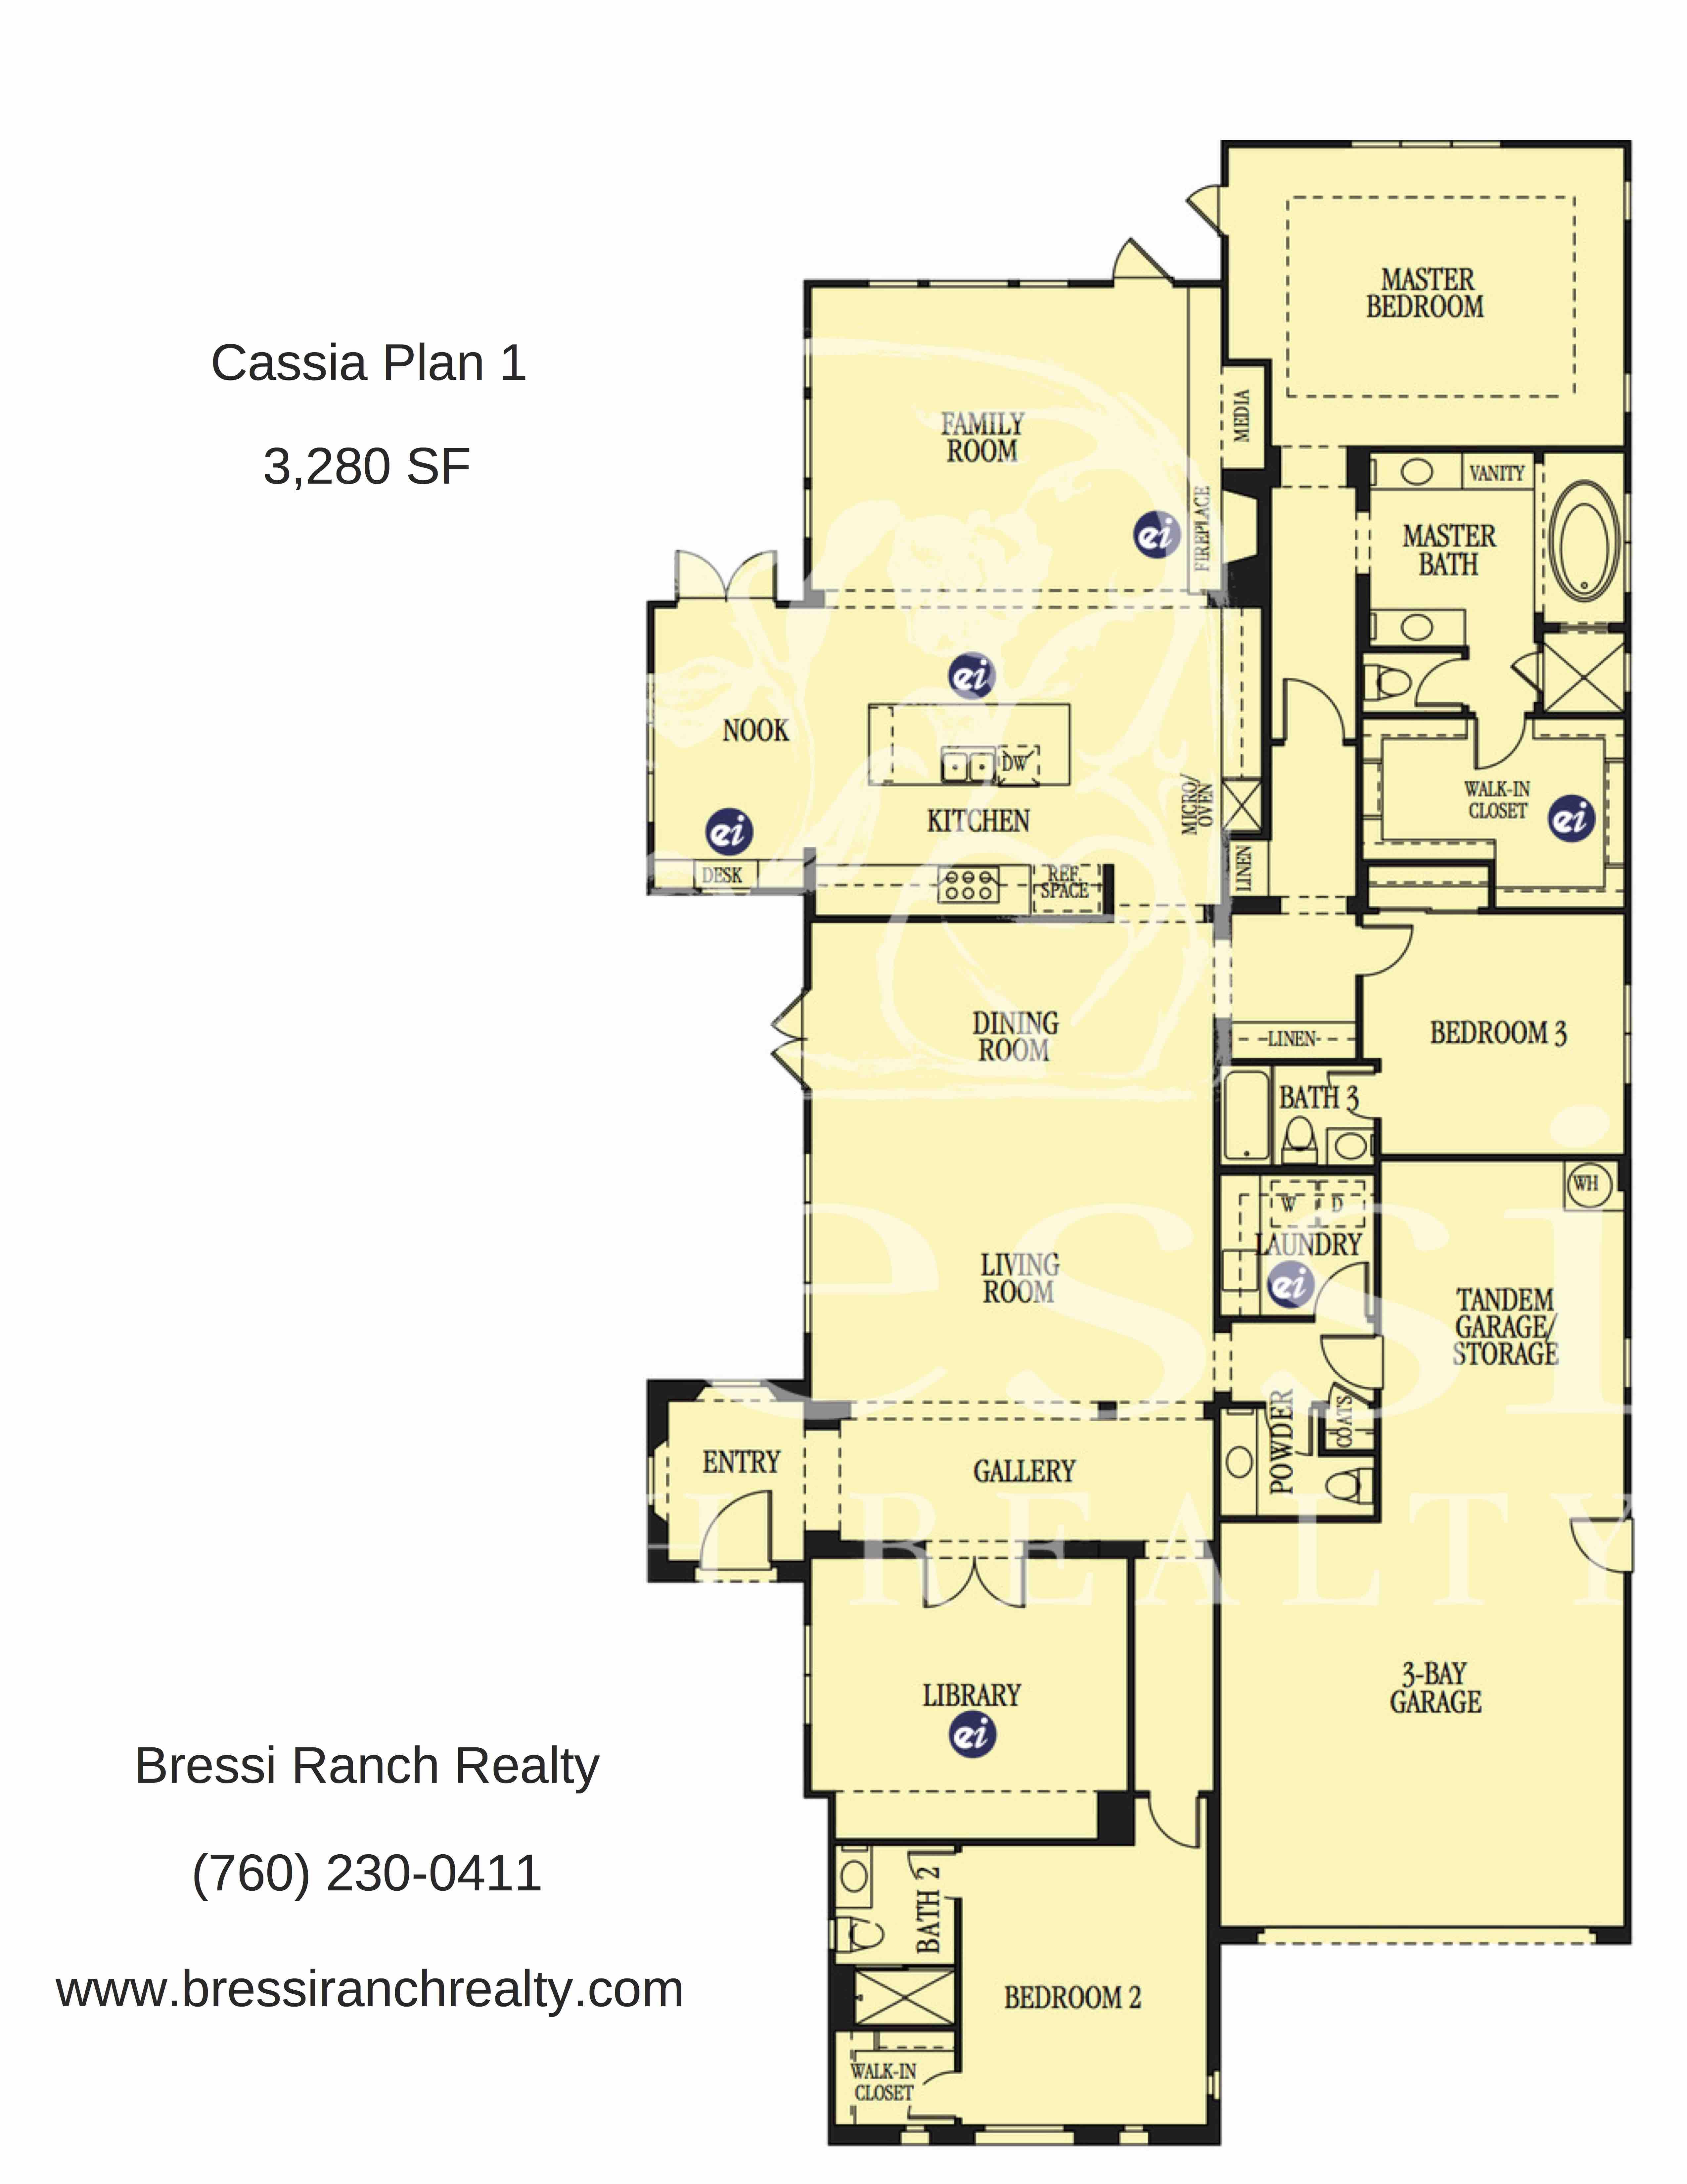 Cassia Plan 1 Floor Plan